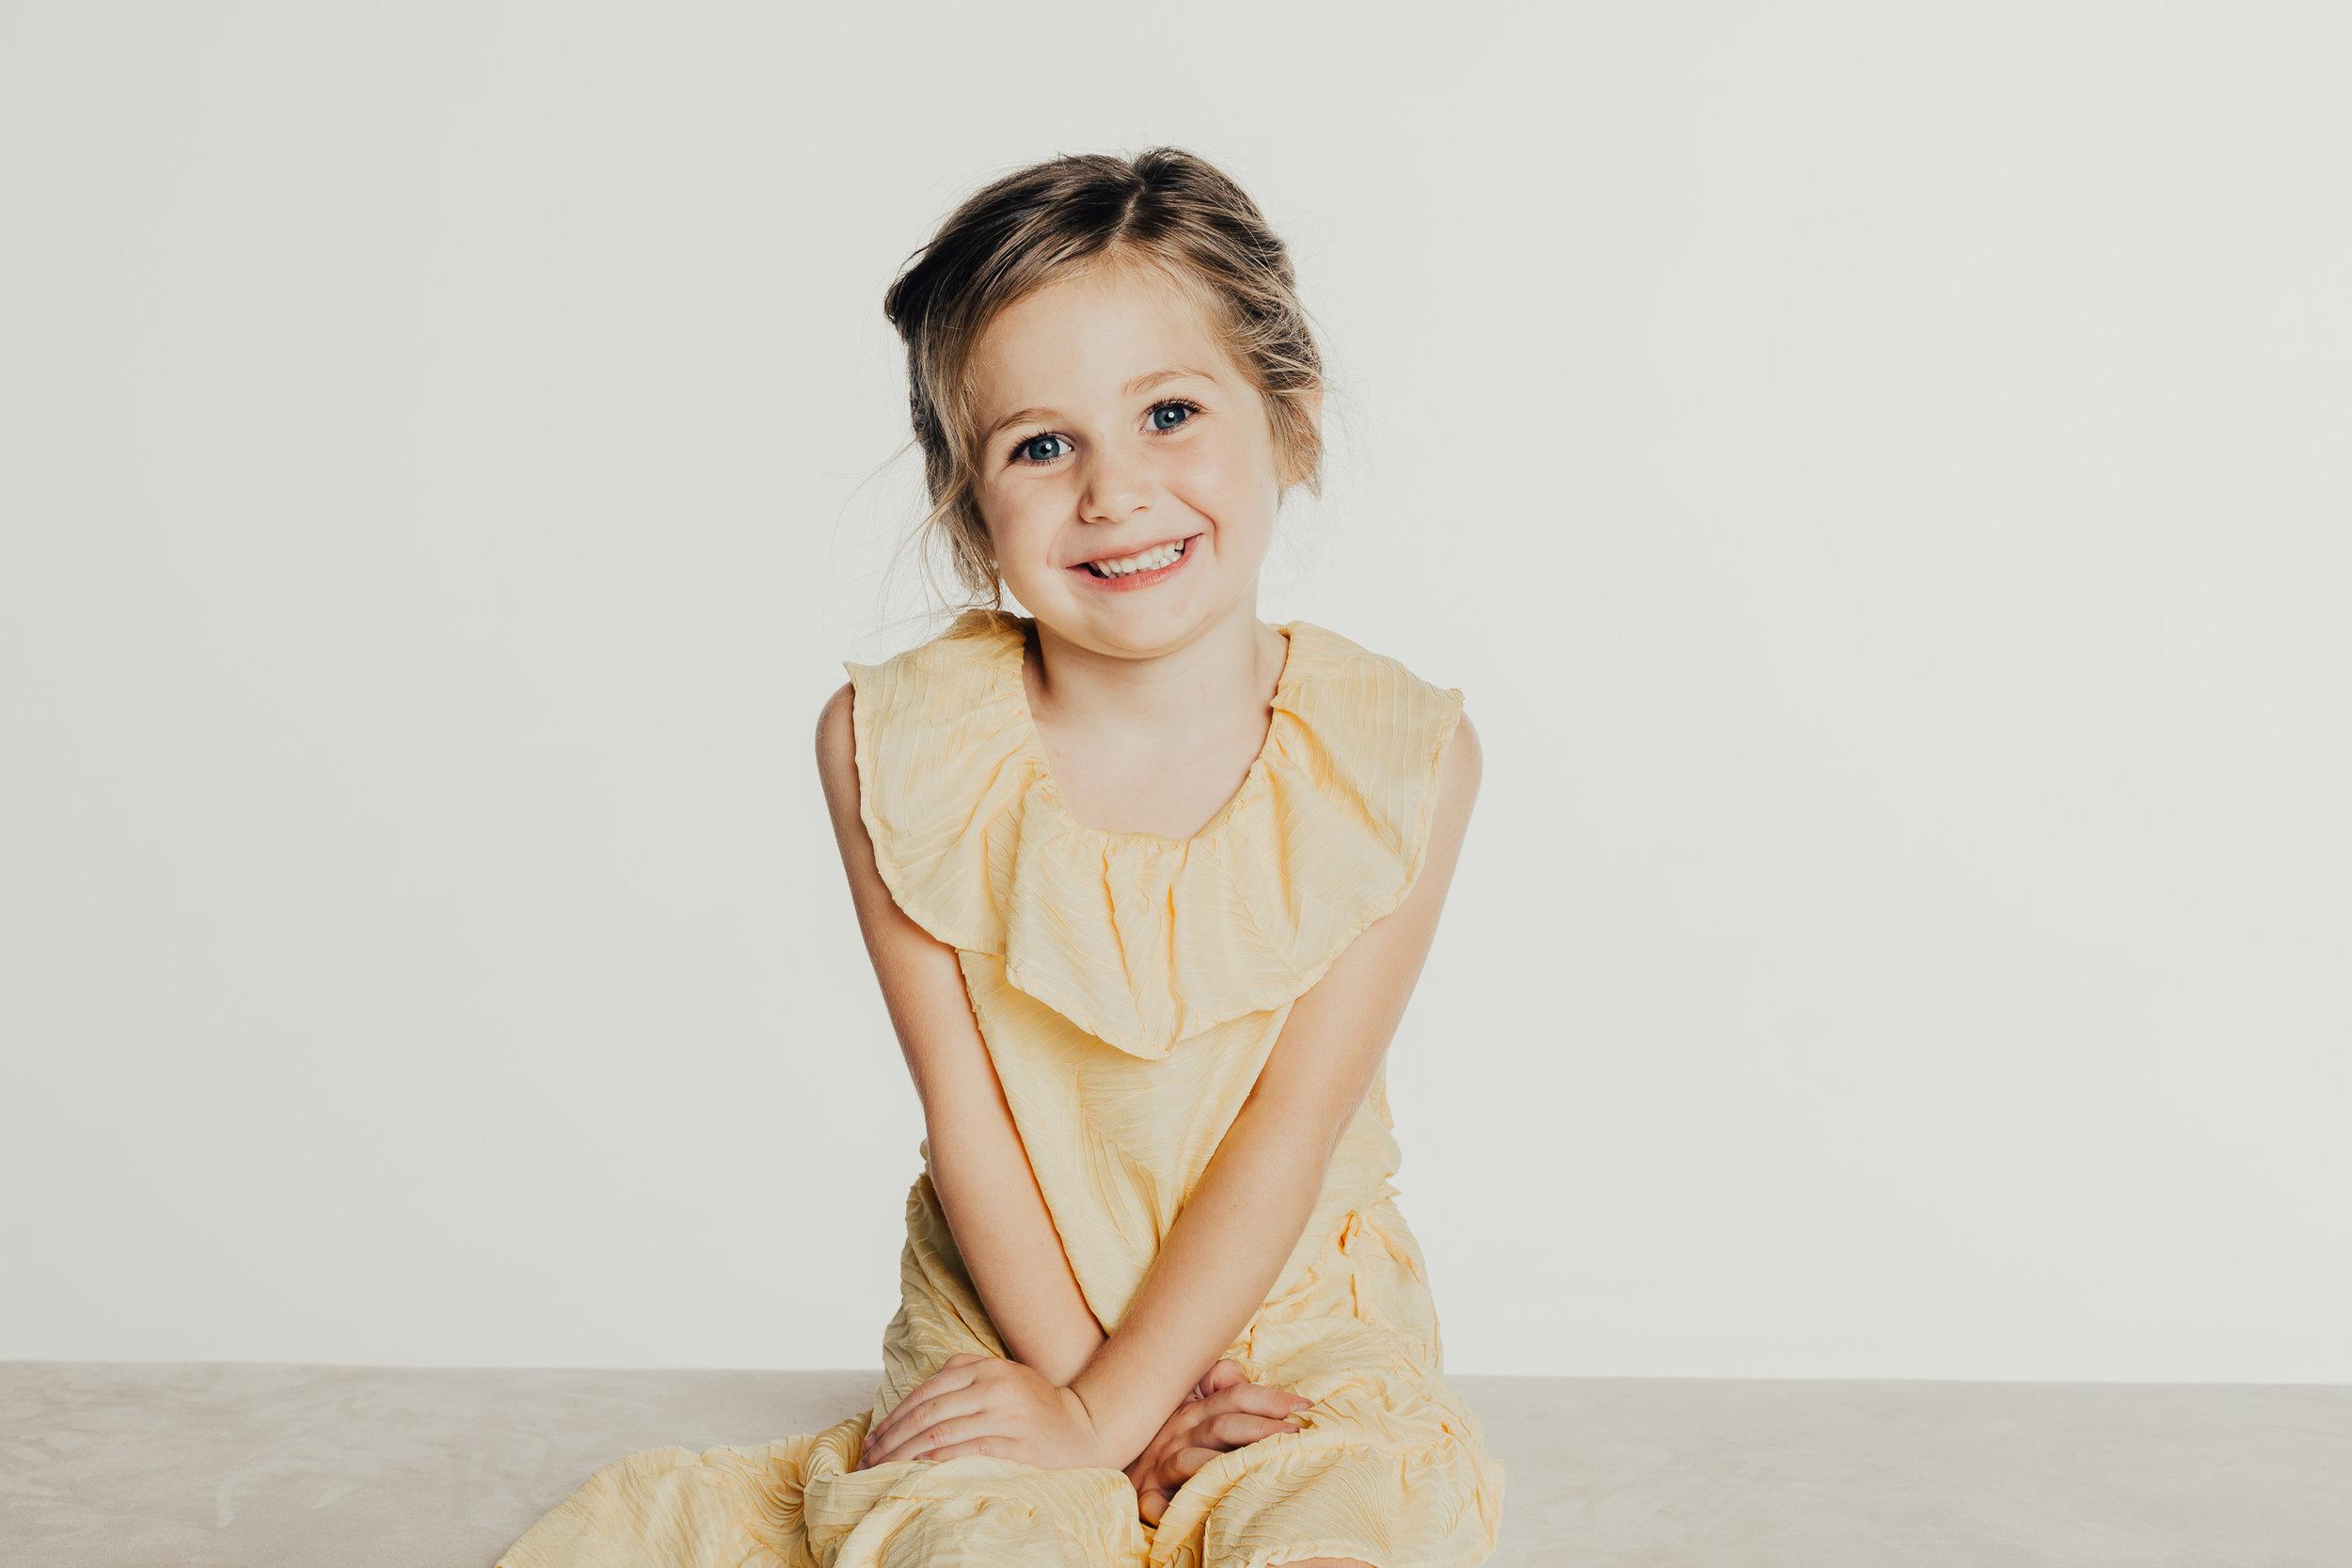 Gianna Keiko Atlanta Family Studio Portrait Photographer-25.jpg